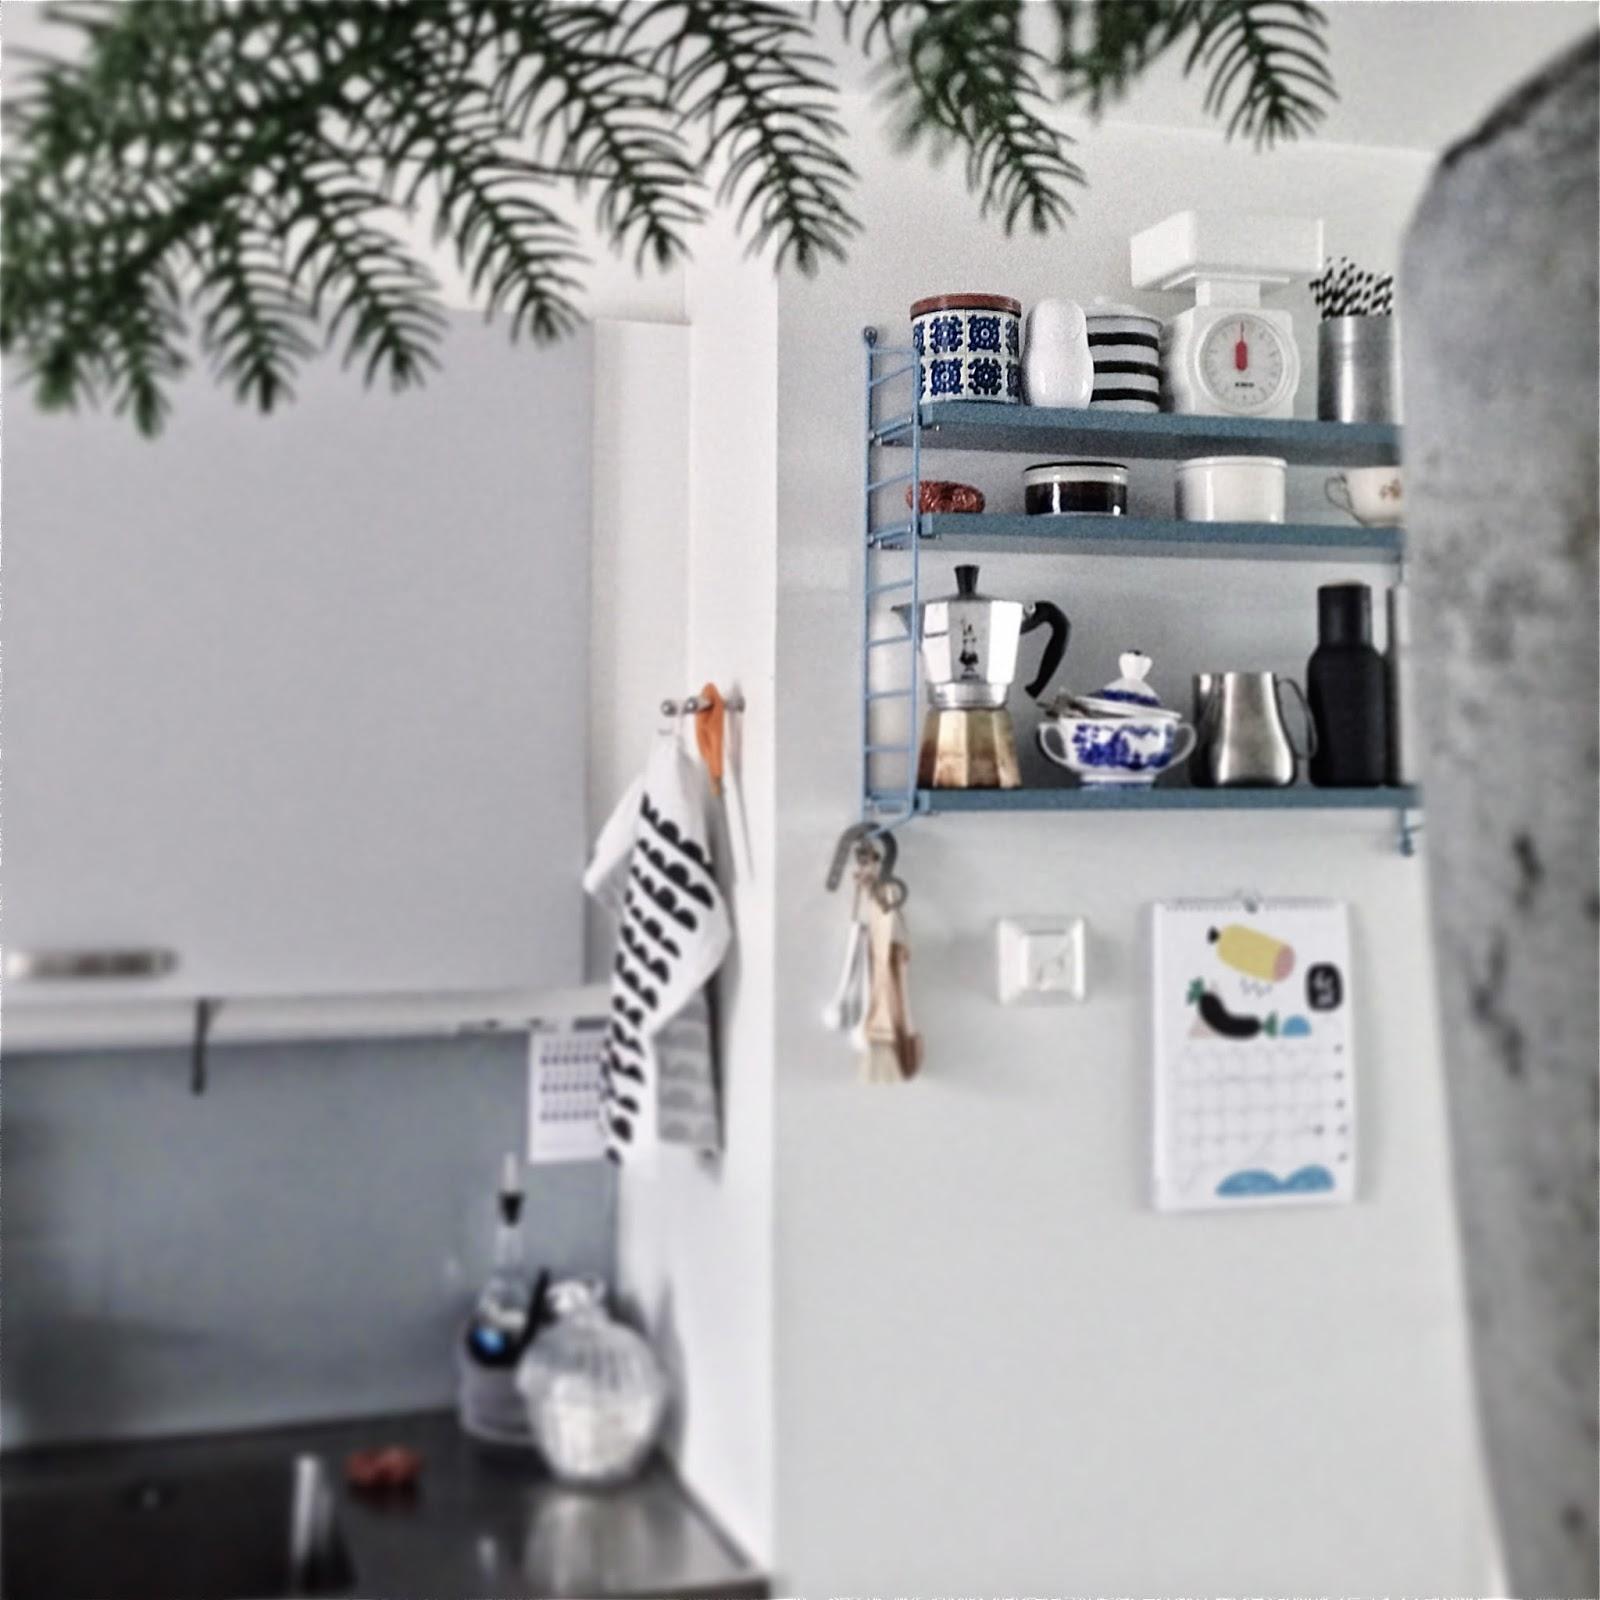 string pocket, finnishdesignshop, bialetti, muuto, arabia, kanelimaa